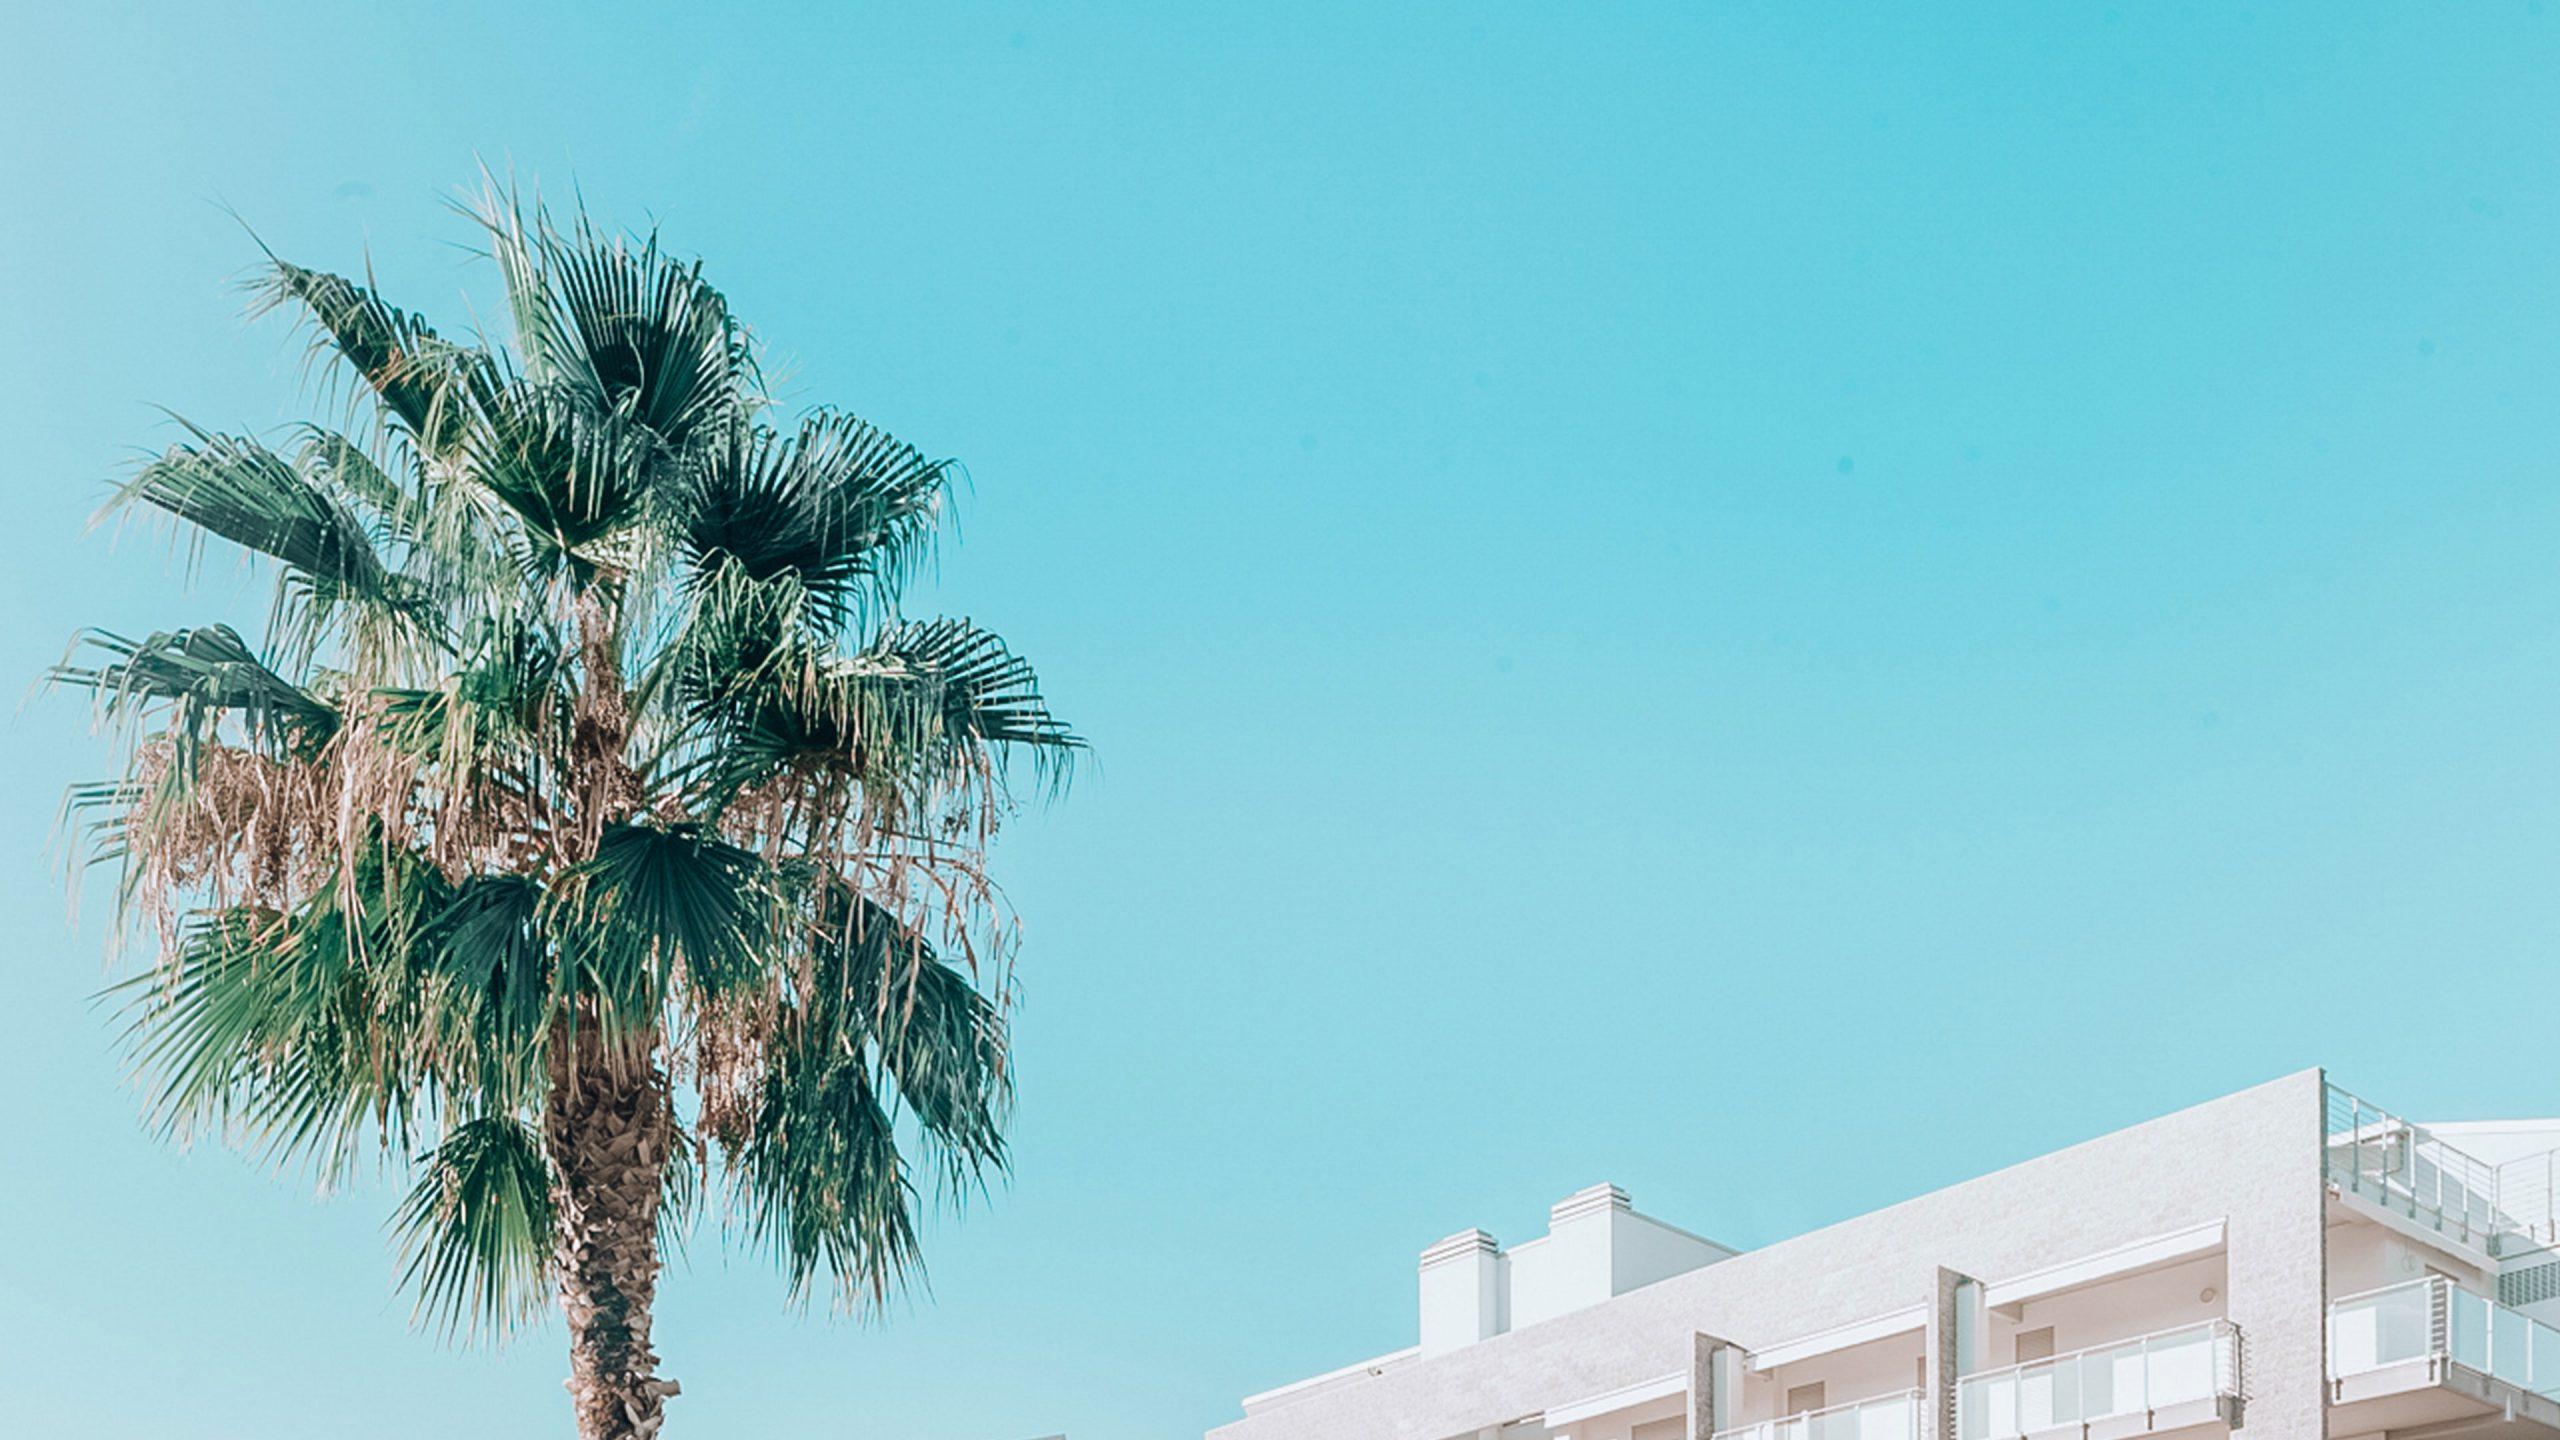 dettaglio-palma-appartamenti-le-dune-silvi-marina